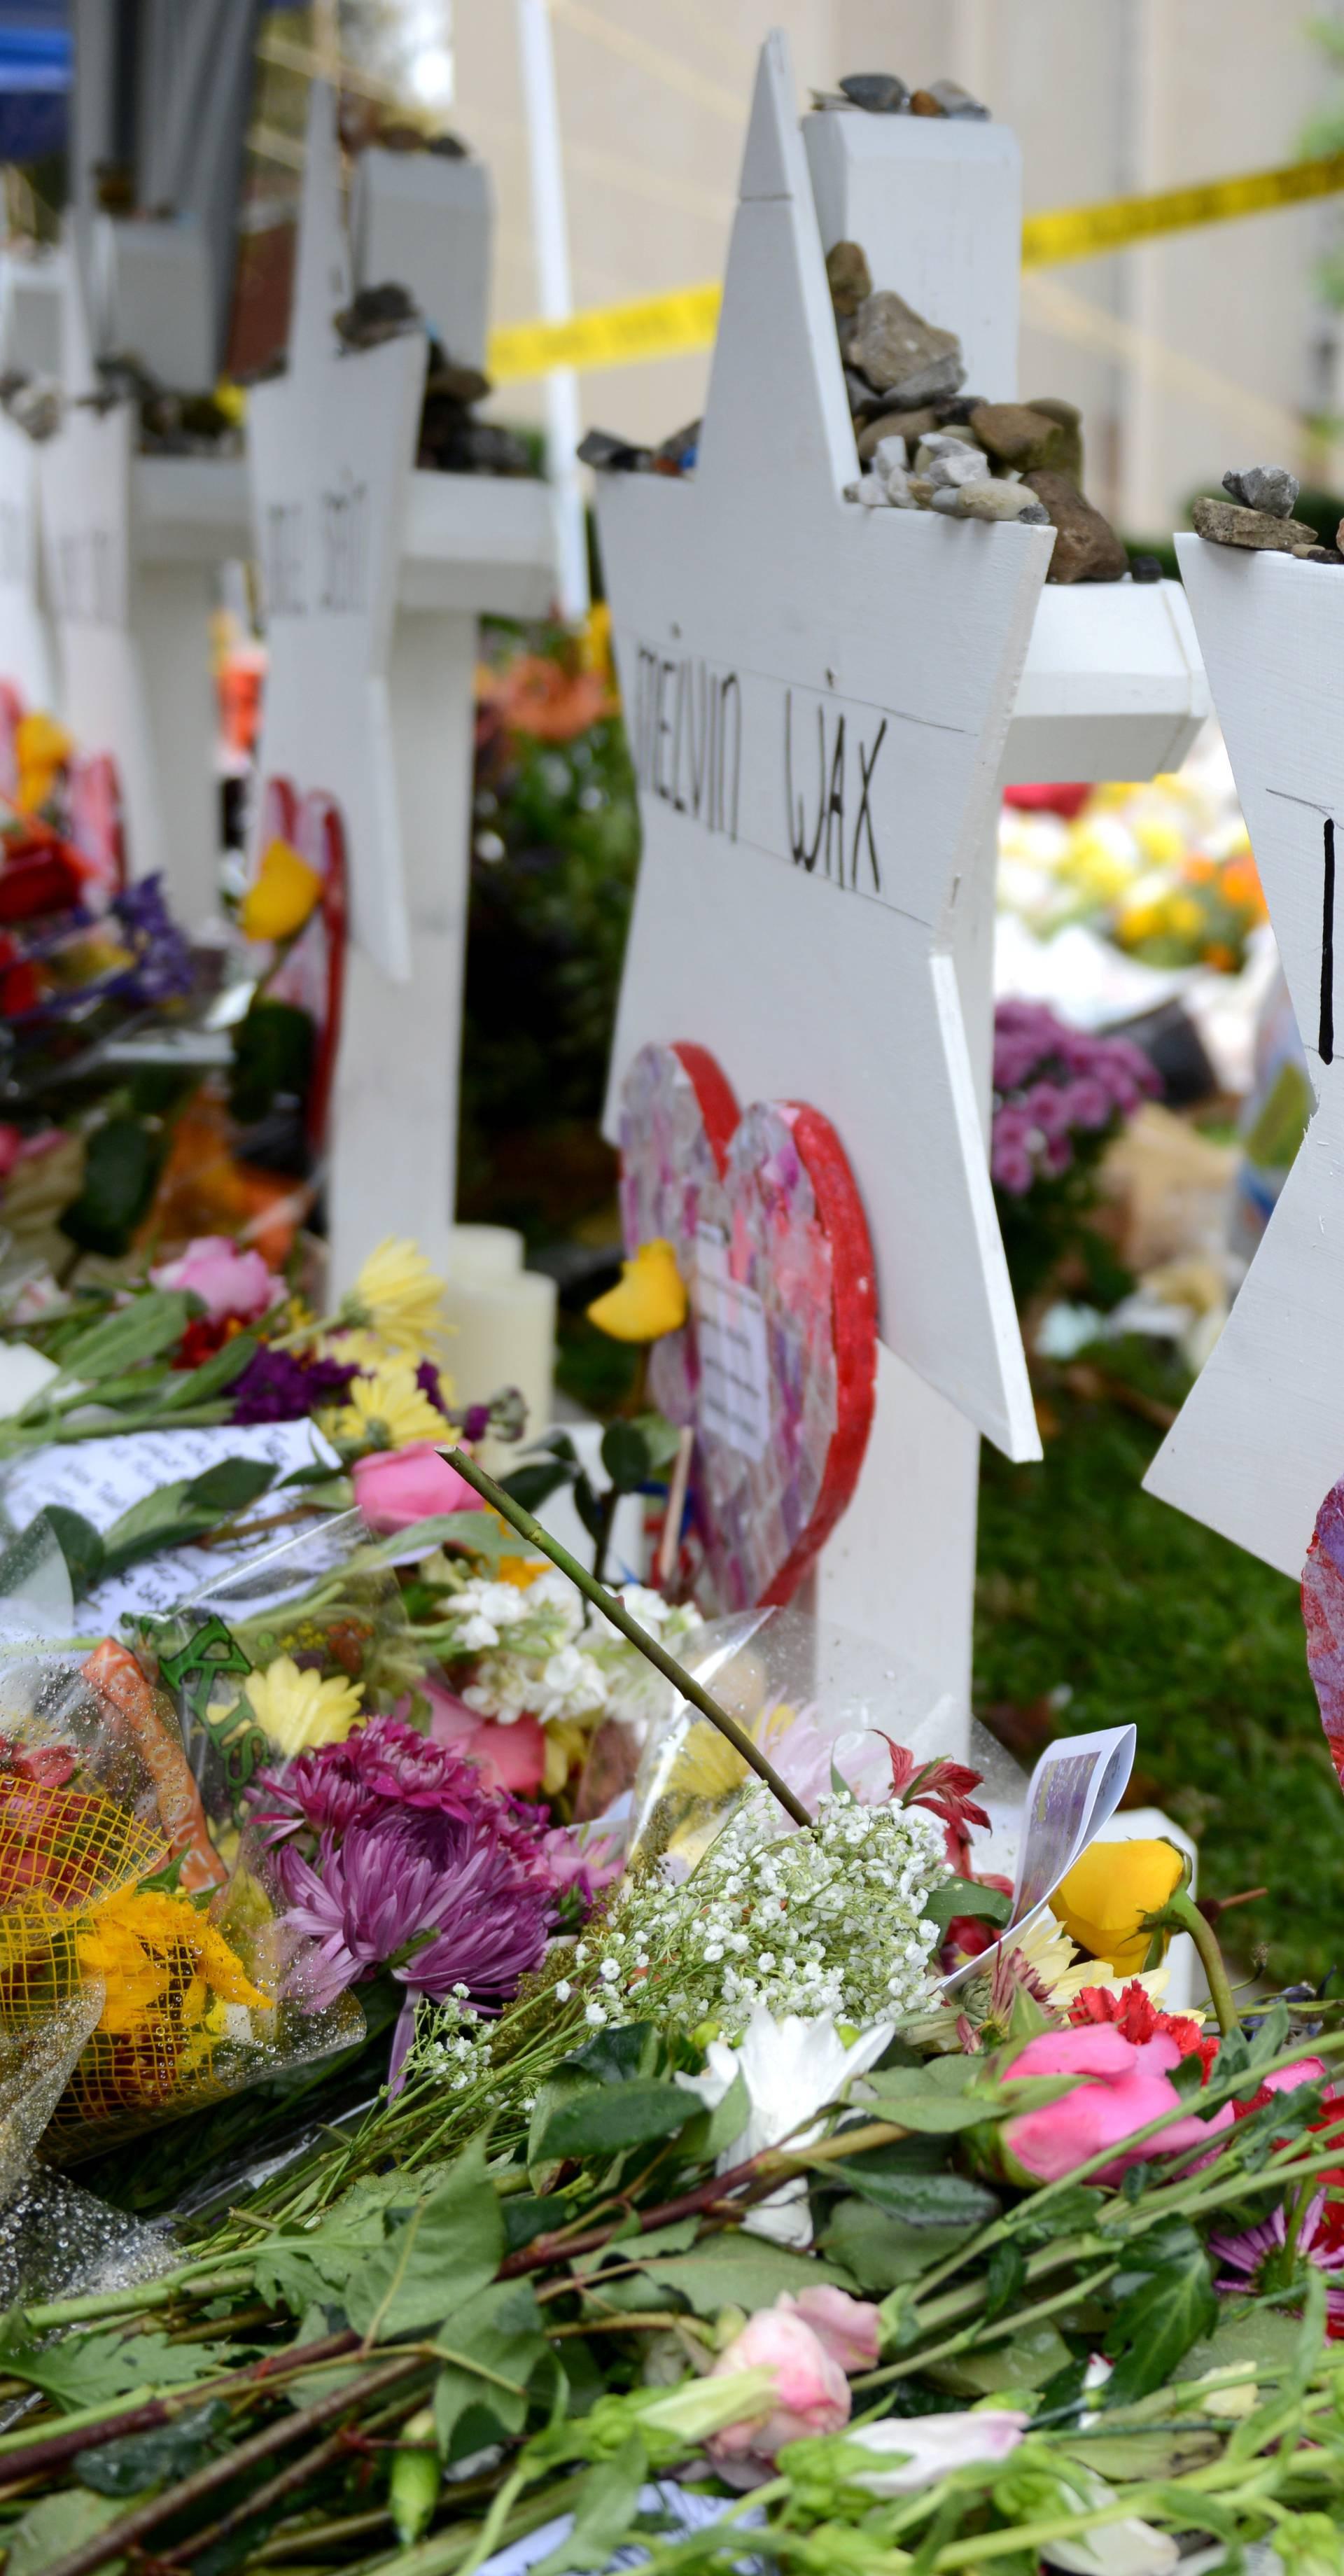 Pobio 11 ljudi u sinagogi: Za ubojicu će tražiti smrtnu kaznu